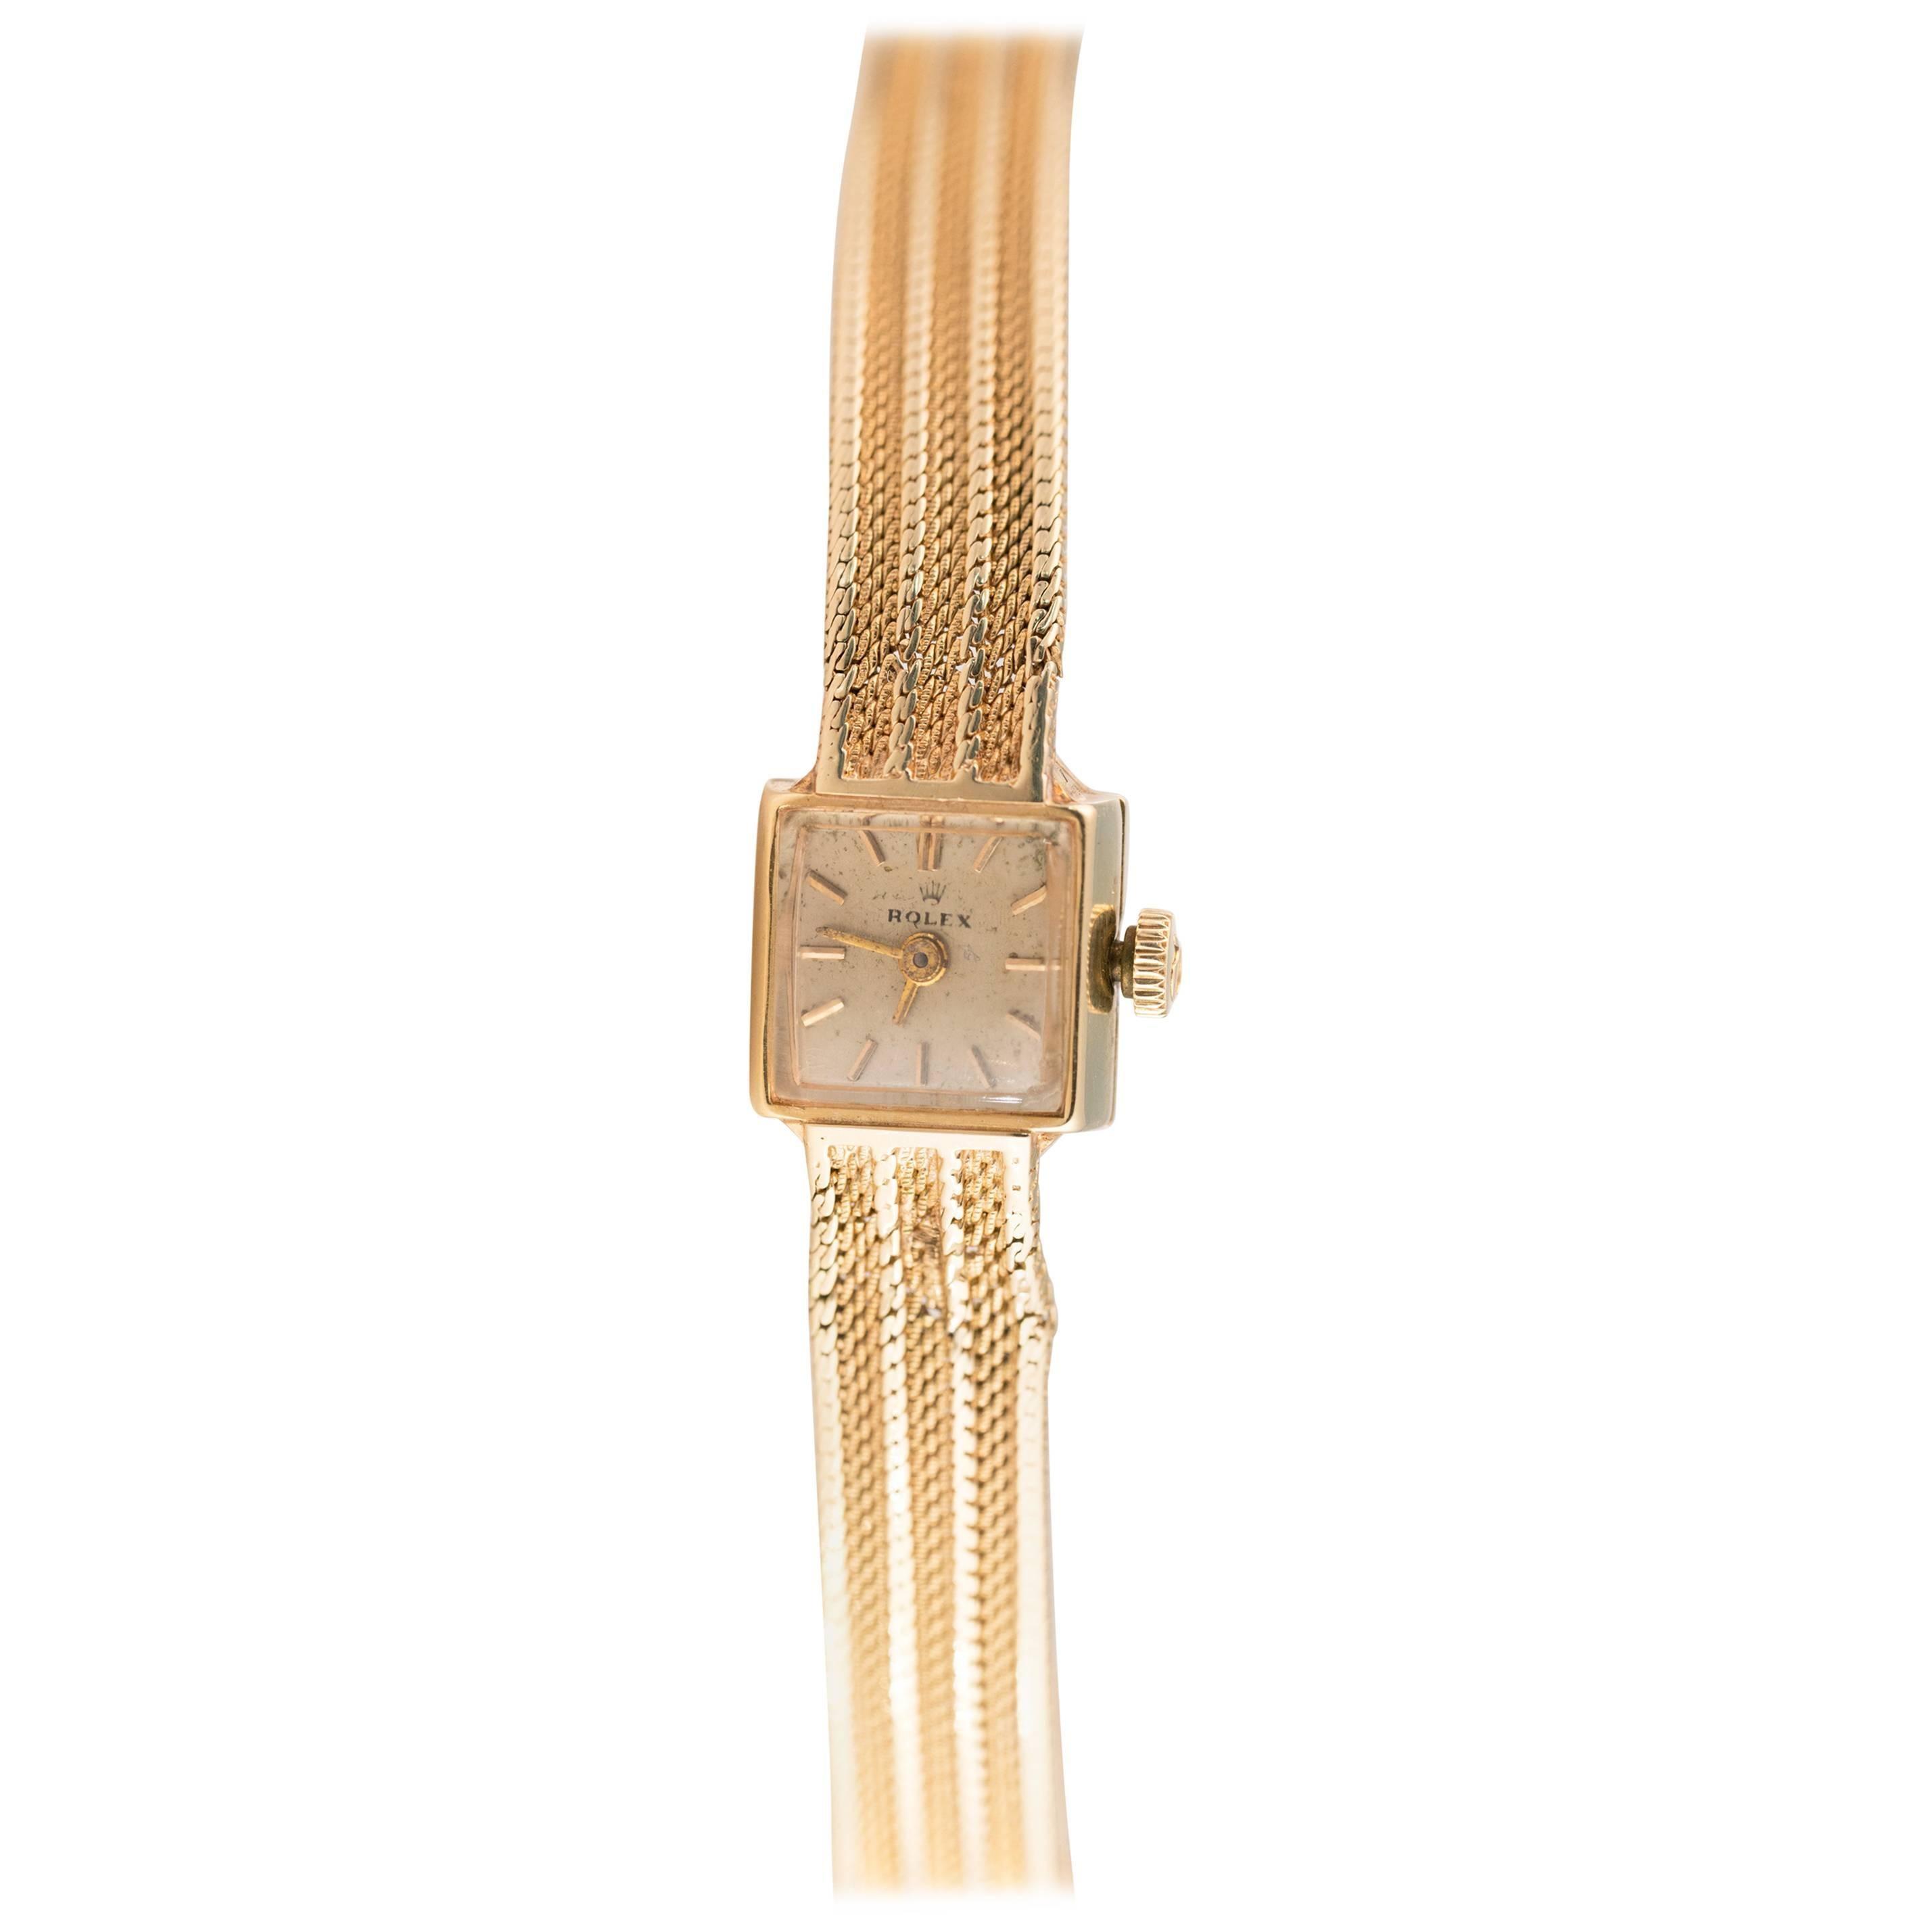 1950s Rolex 14K Yellow Gold Ladies Wrist Watch